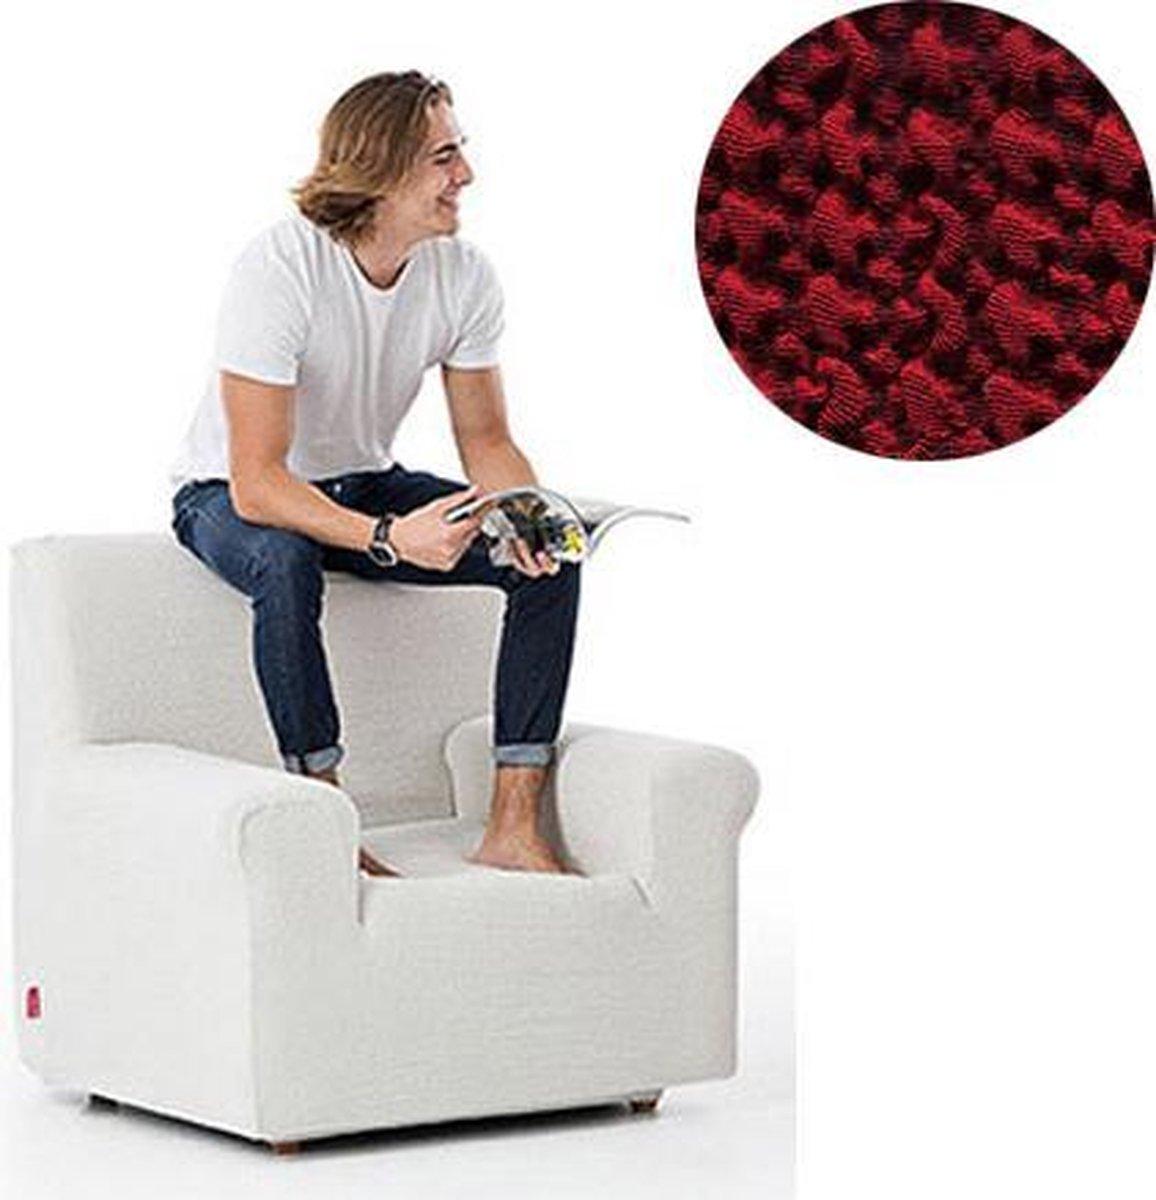 Milos meubelhoezen - Hoes voor fauteuil 70-110cm - Rood - Verkrijgbaar in verschillende kleuren!